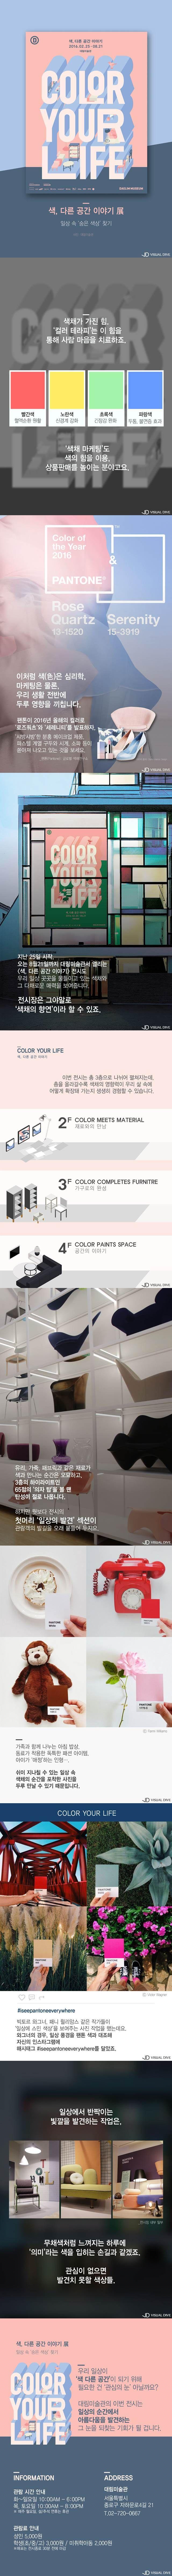 색(色)과 공간이 만나다…대림미술관 '컬러 유어 라이프'展 [카드뉴스] #museum / #cardnews ⓒ 비주얼다이브 무단…